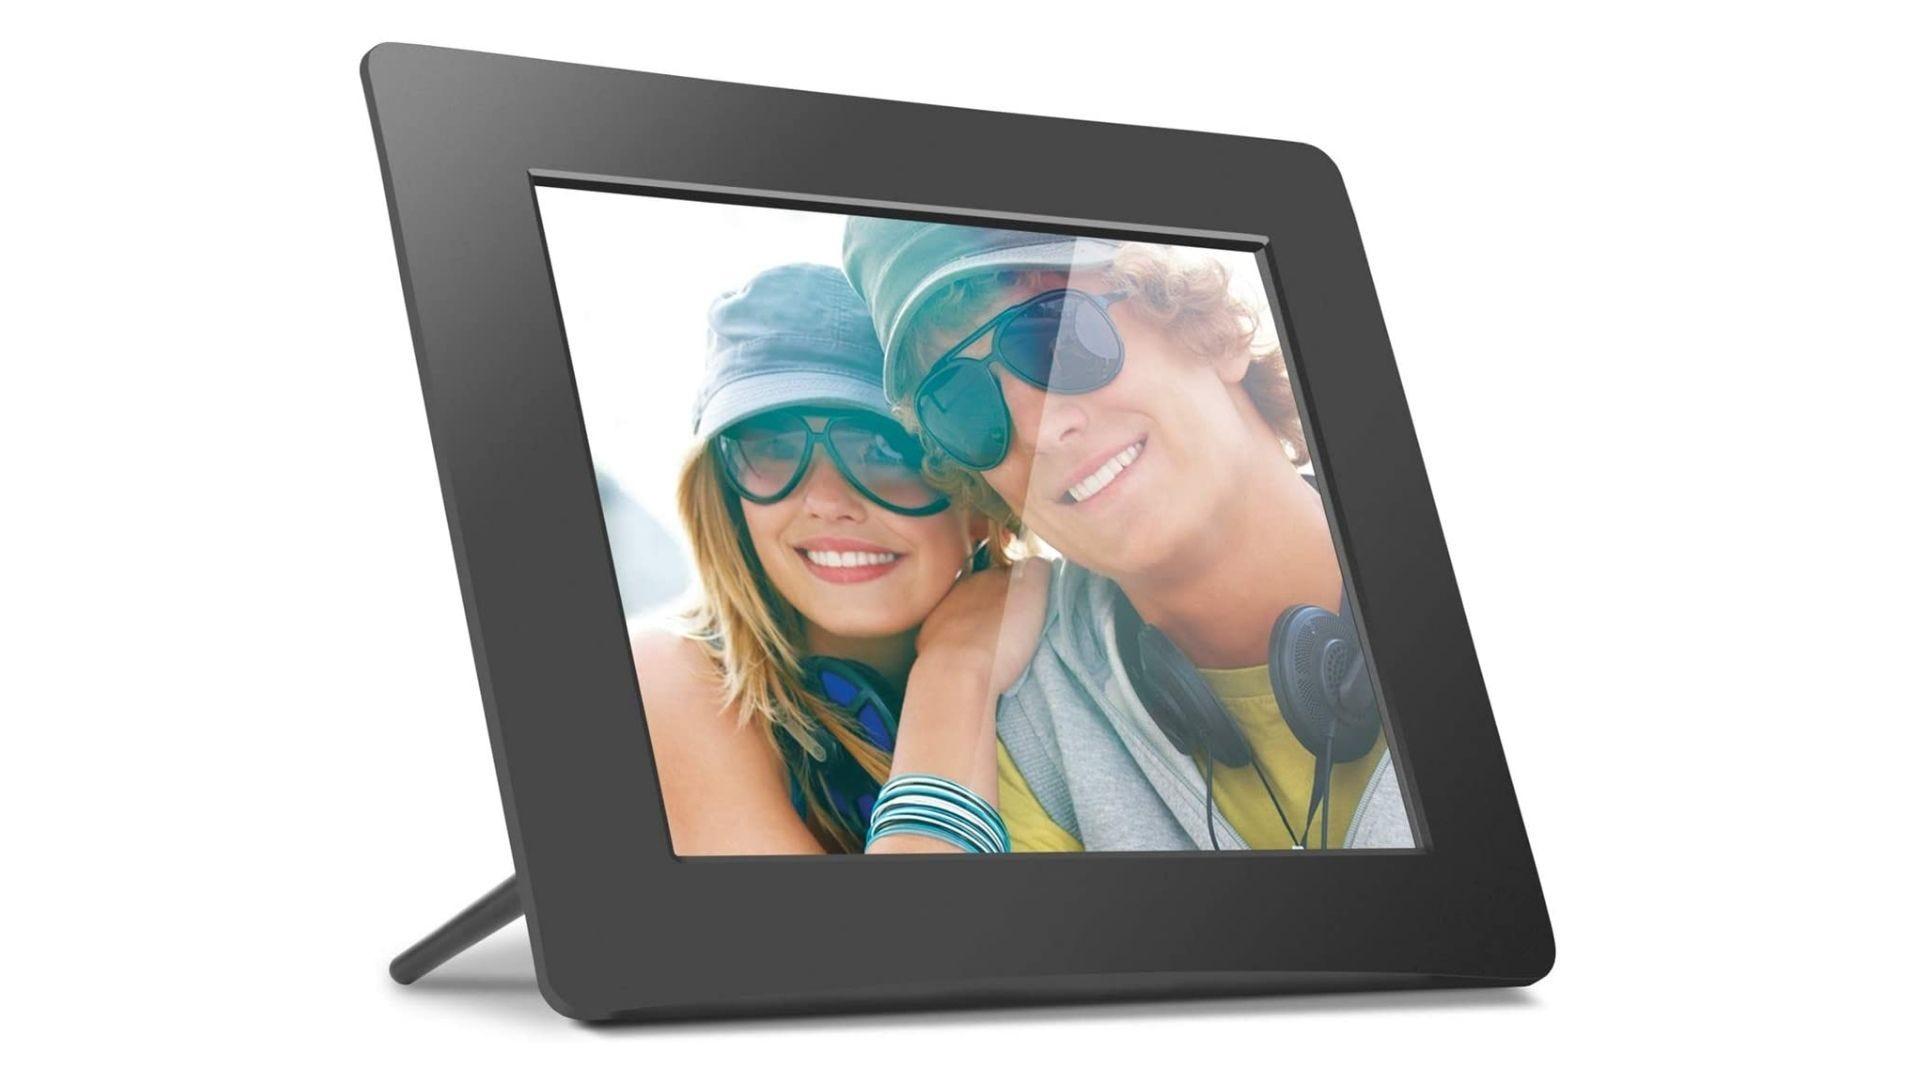 Aluratek 8 Inch LCD Digital Photo Frame